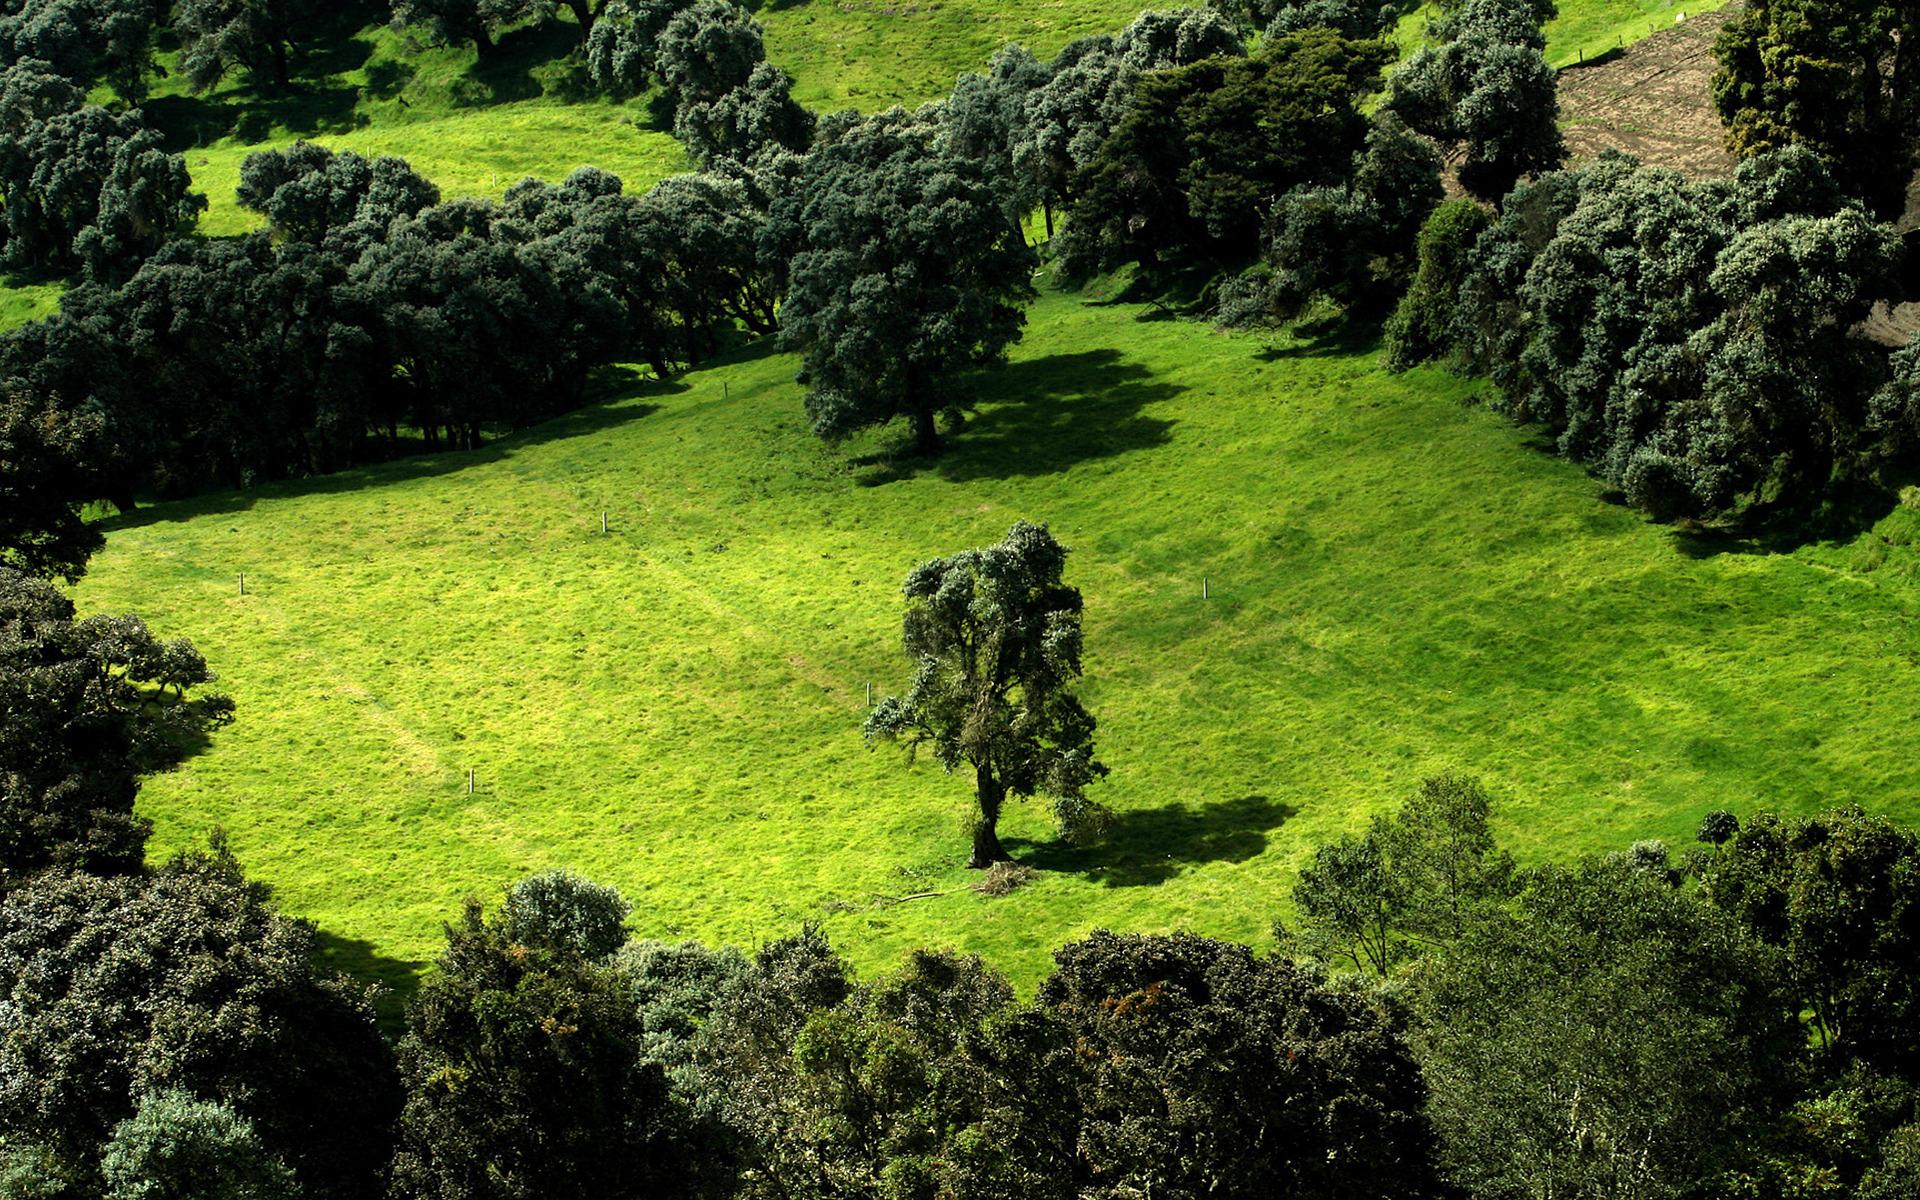 деревья на поляне  № 2050716 бесплатно